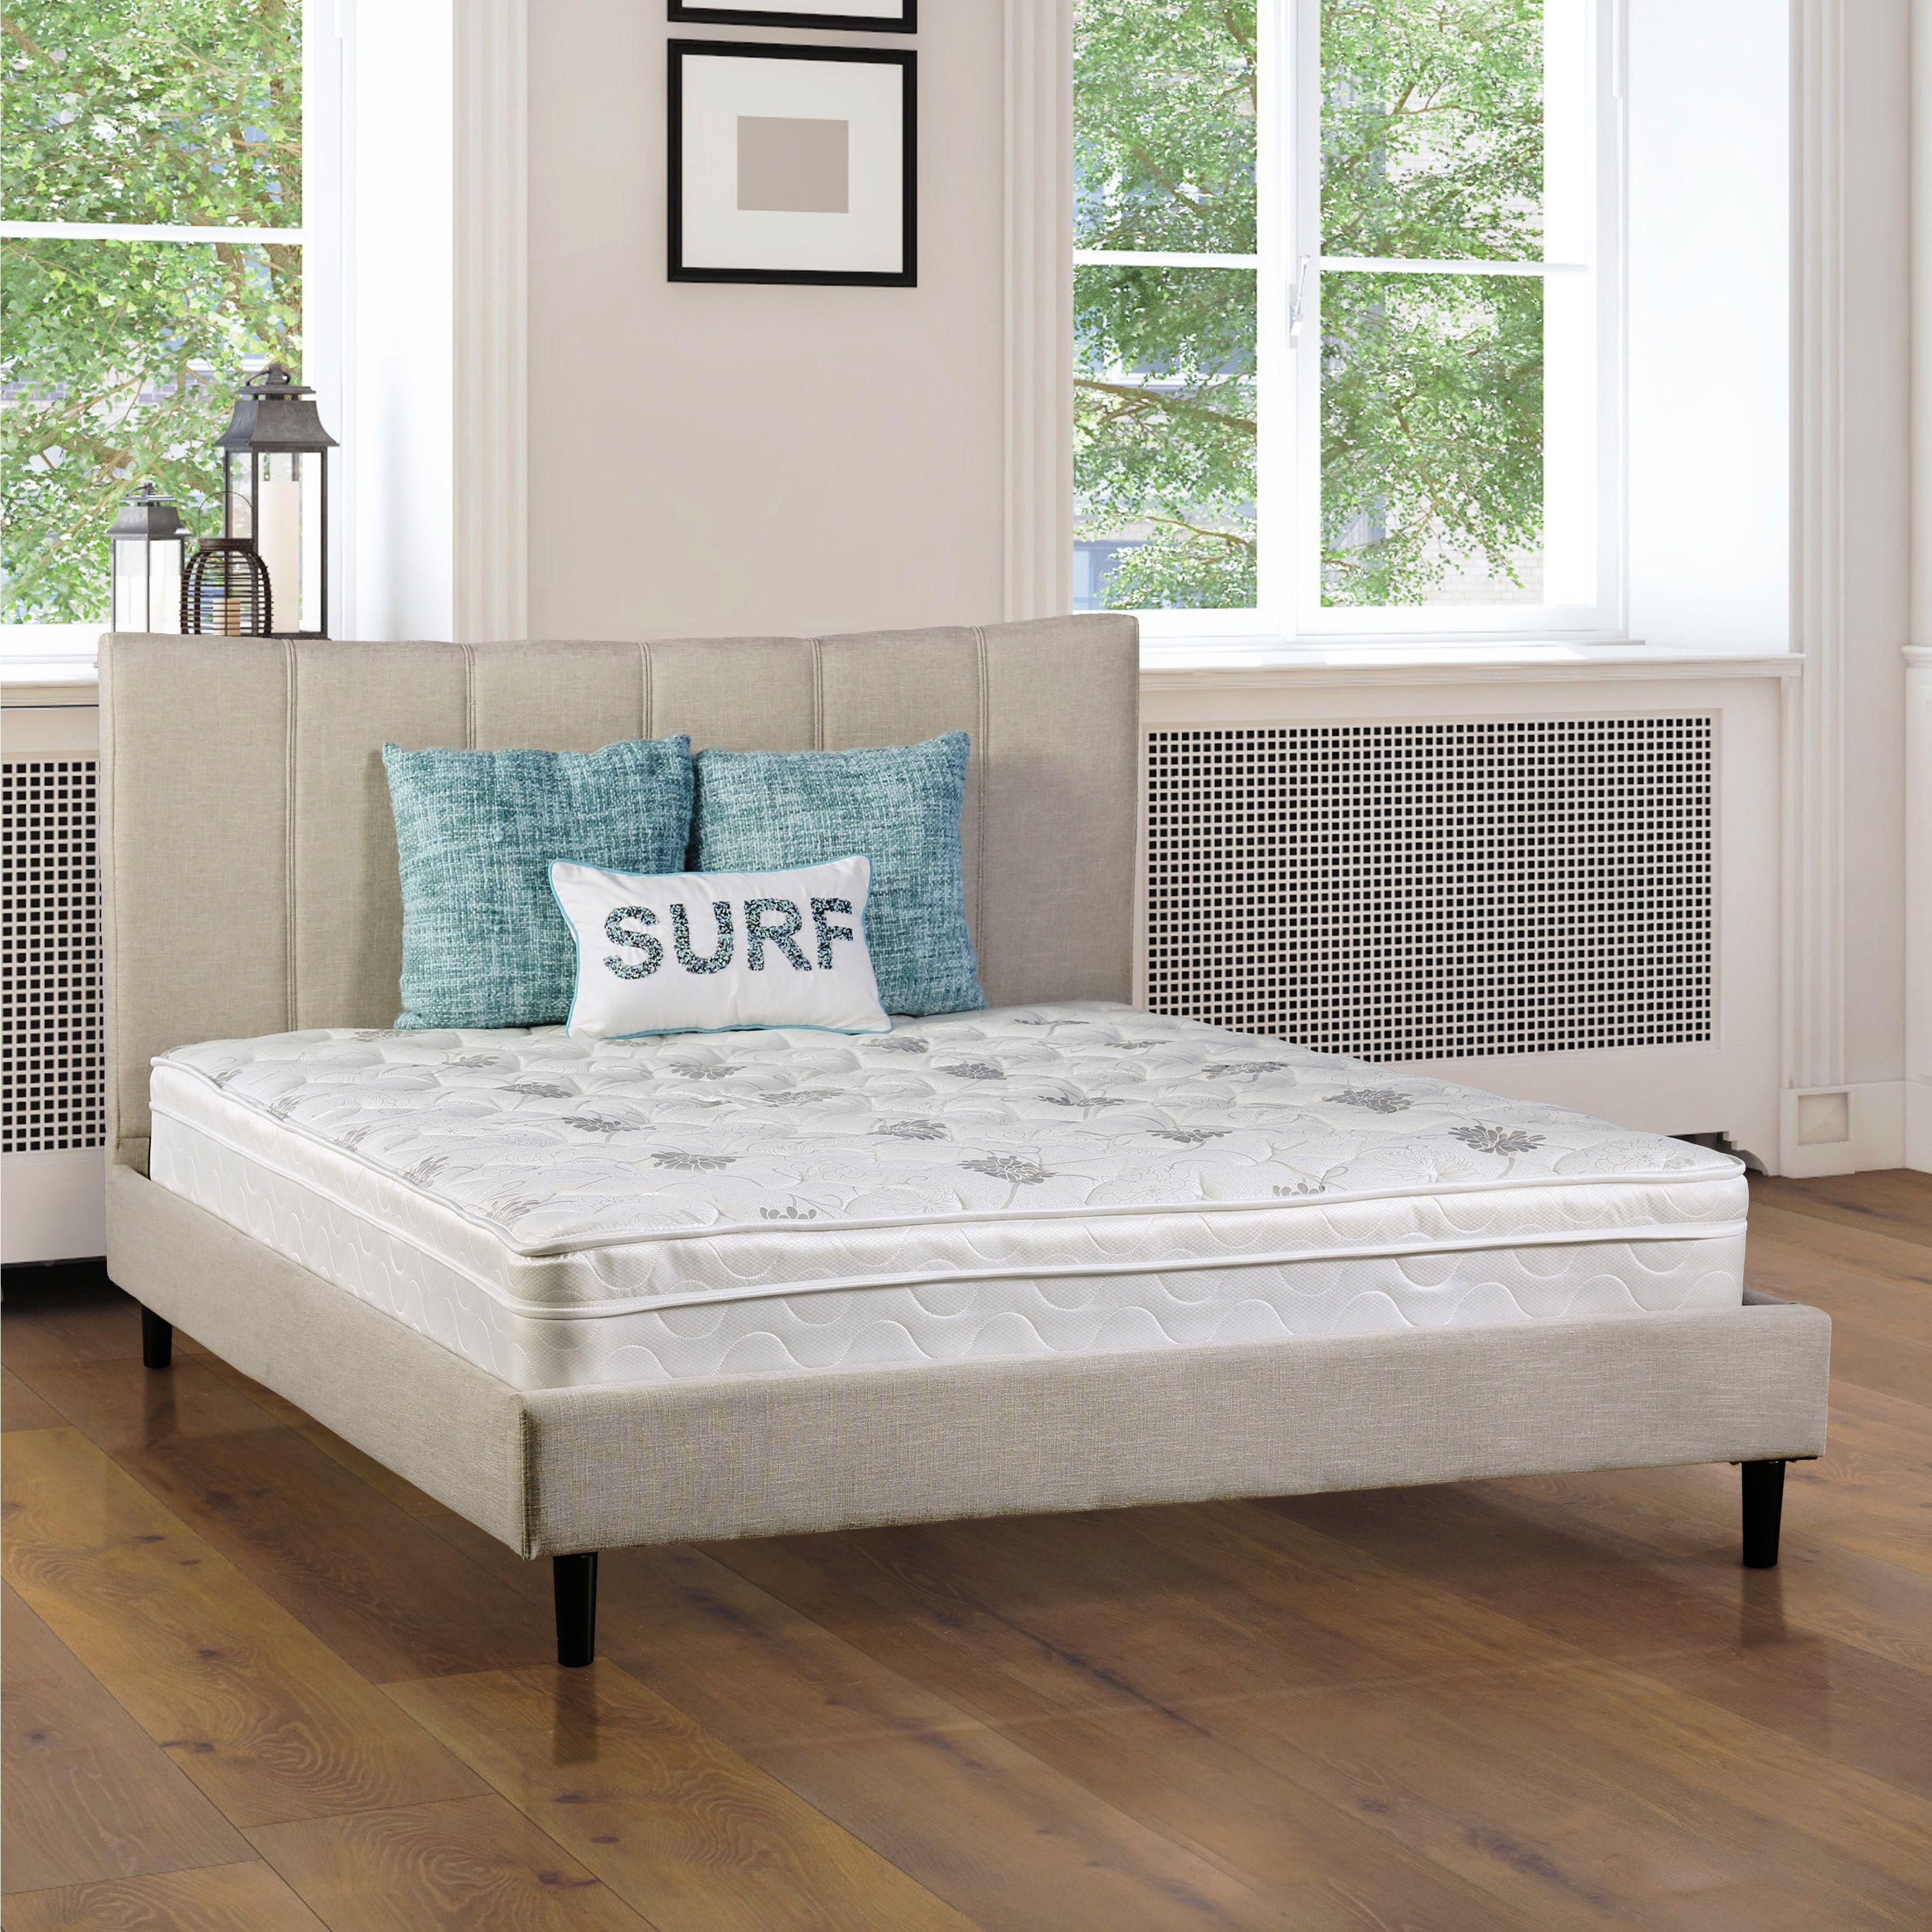 buyers compare mattress bed latex dreamfoam bedding doze guide